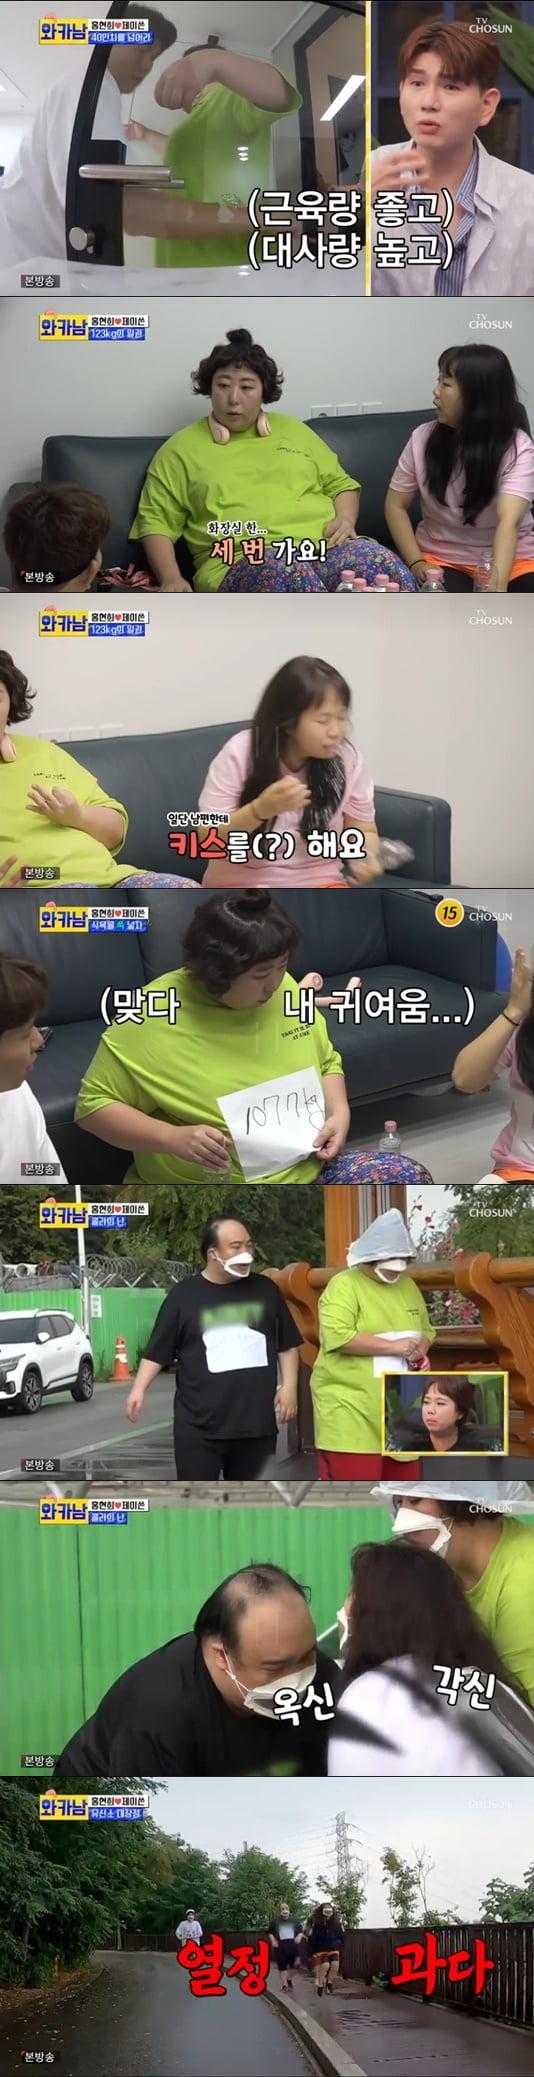 '와카남' 홍현희, 124Kg 신기루 다이어트 코치로 등극